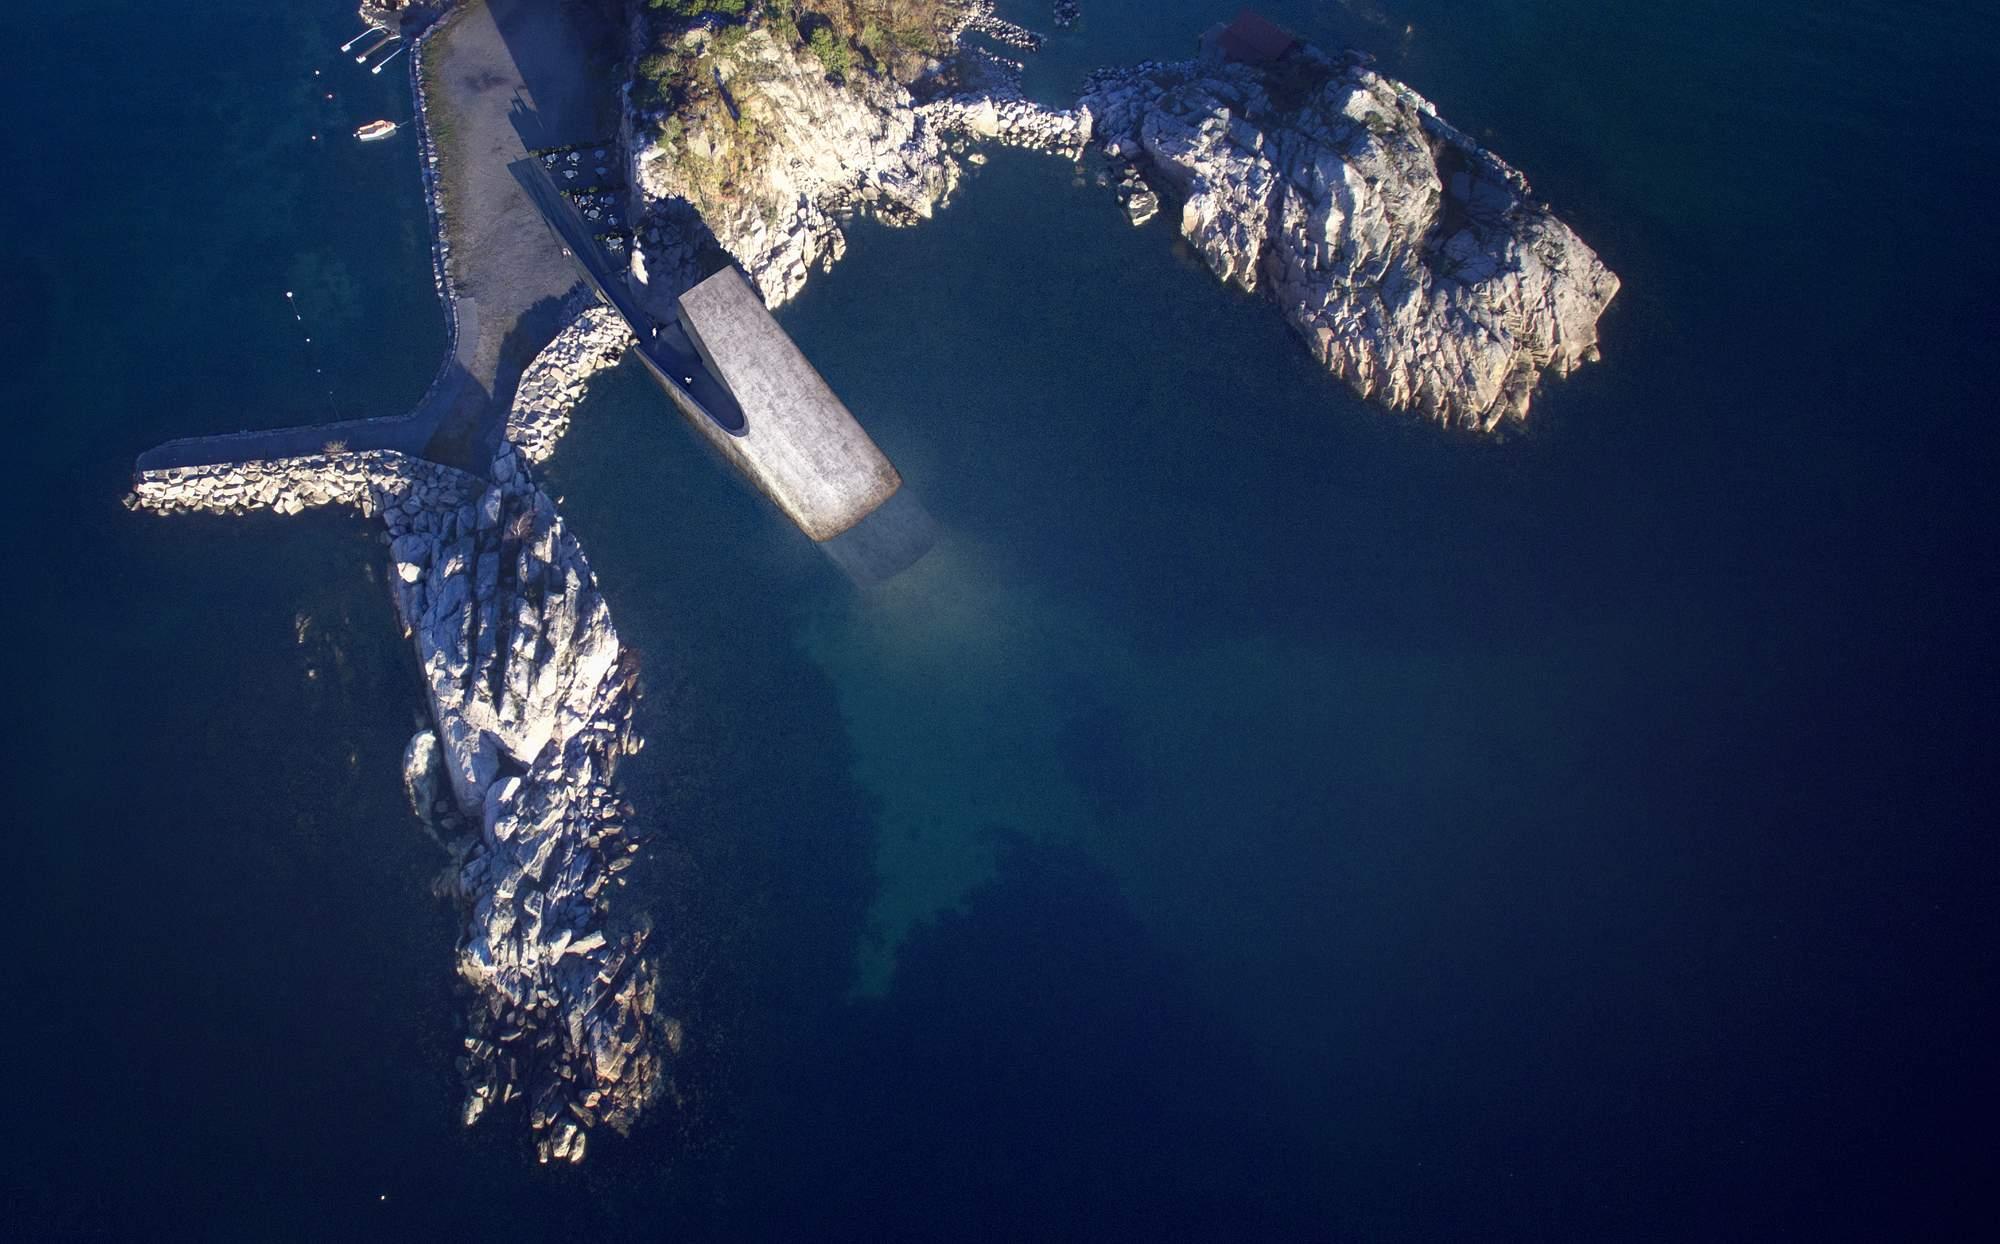 Подводный ресторан «Under» в Норвегии